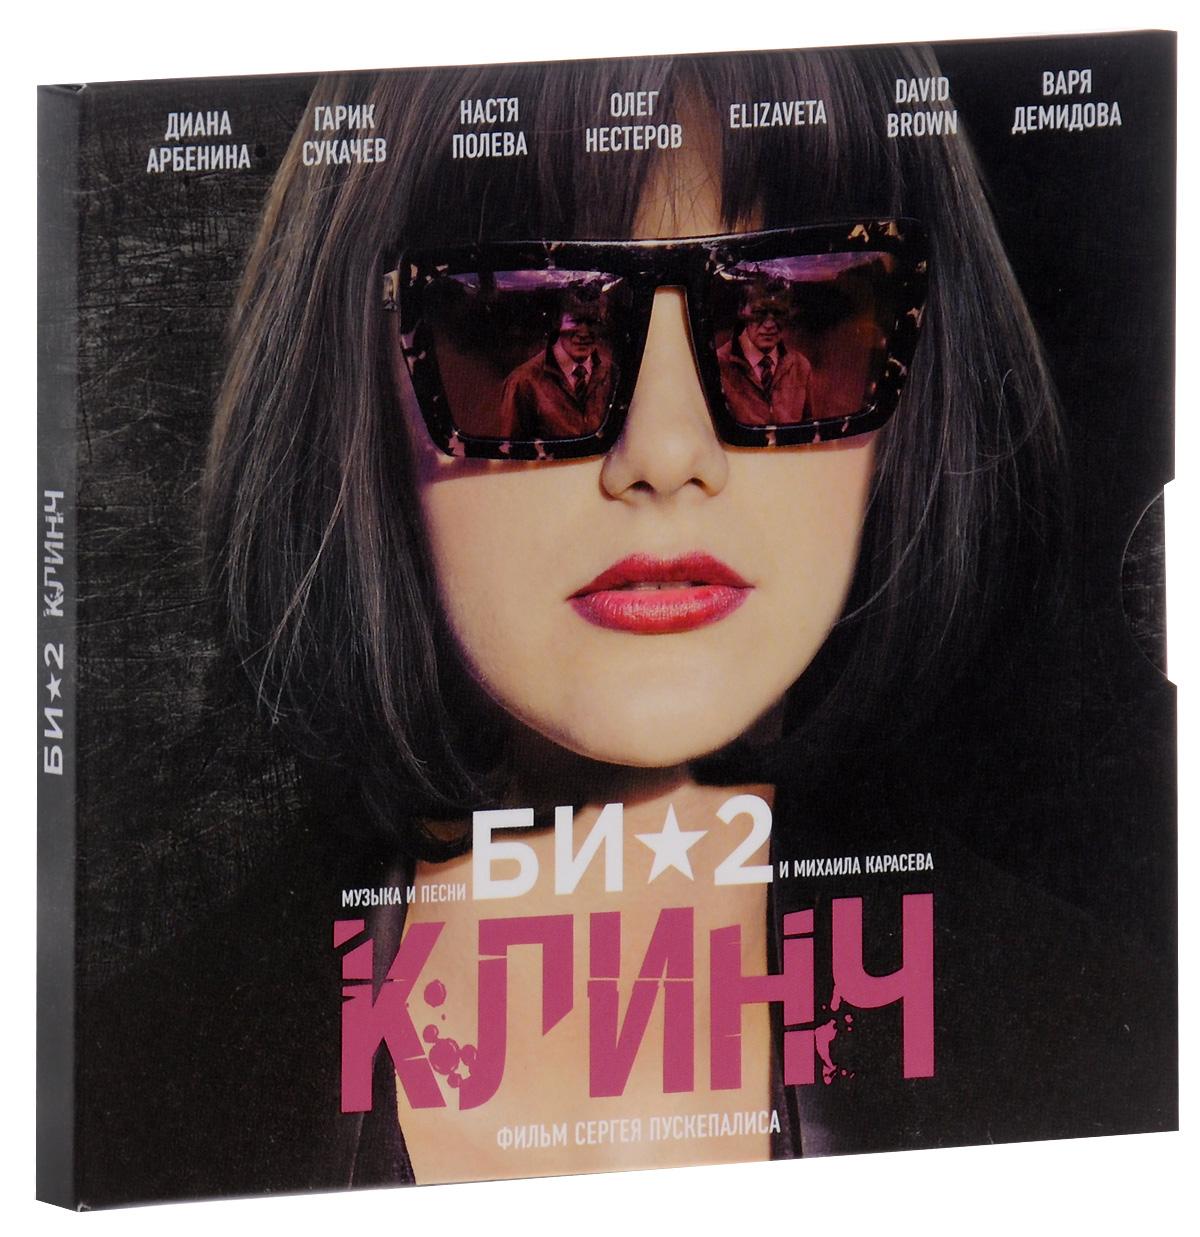 Издание содержит 10-страничный буклет с фотографиями.